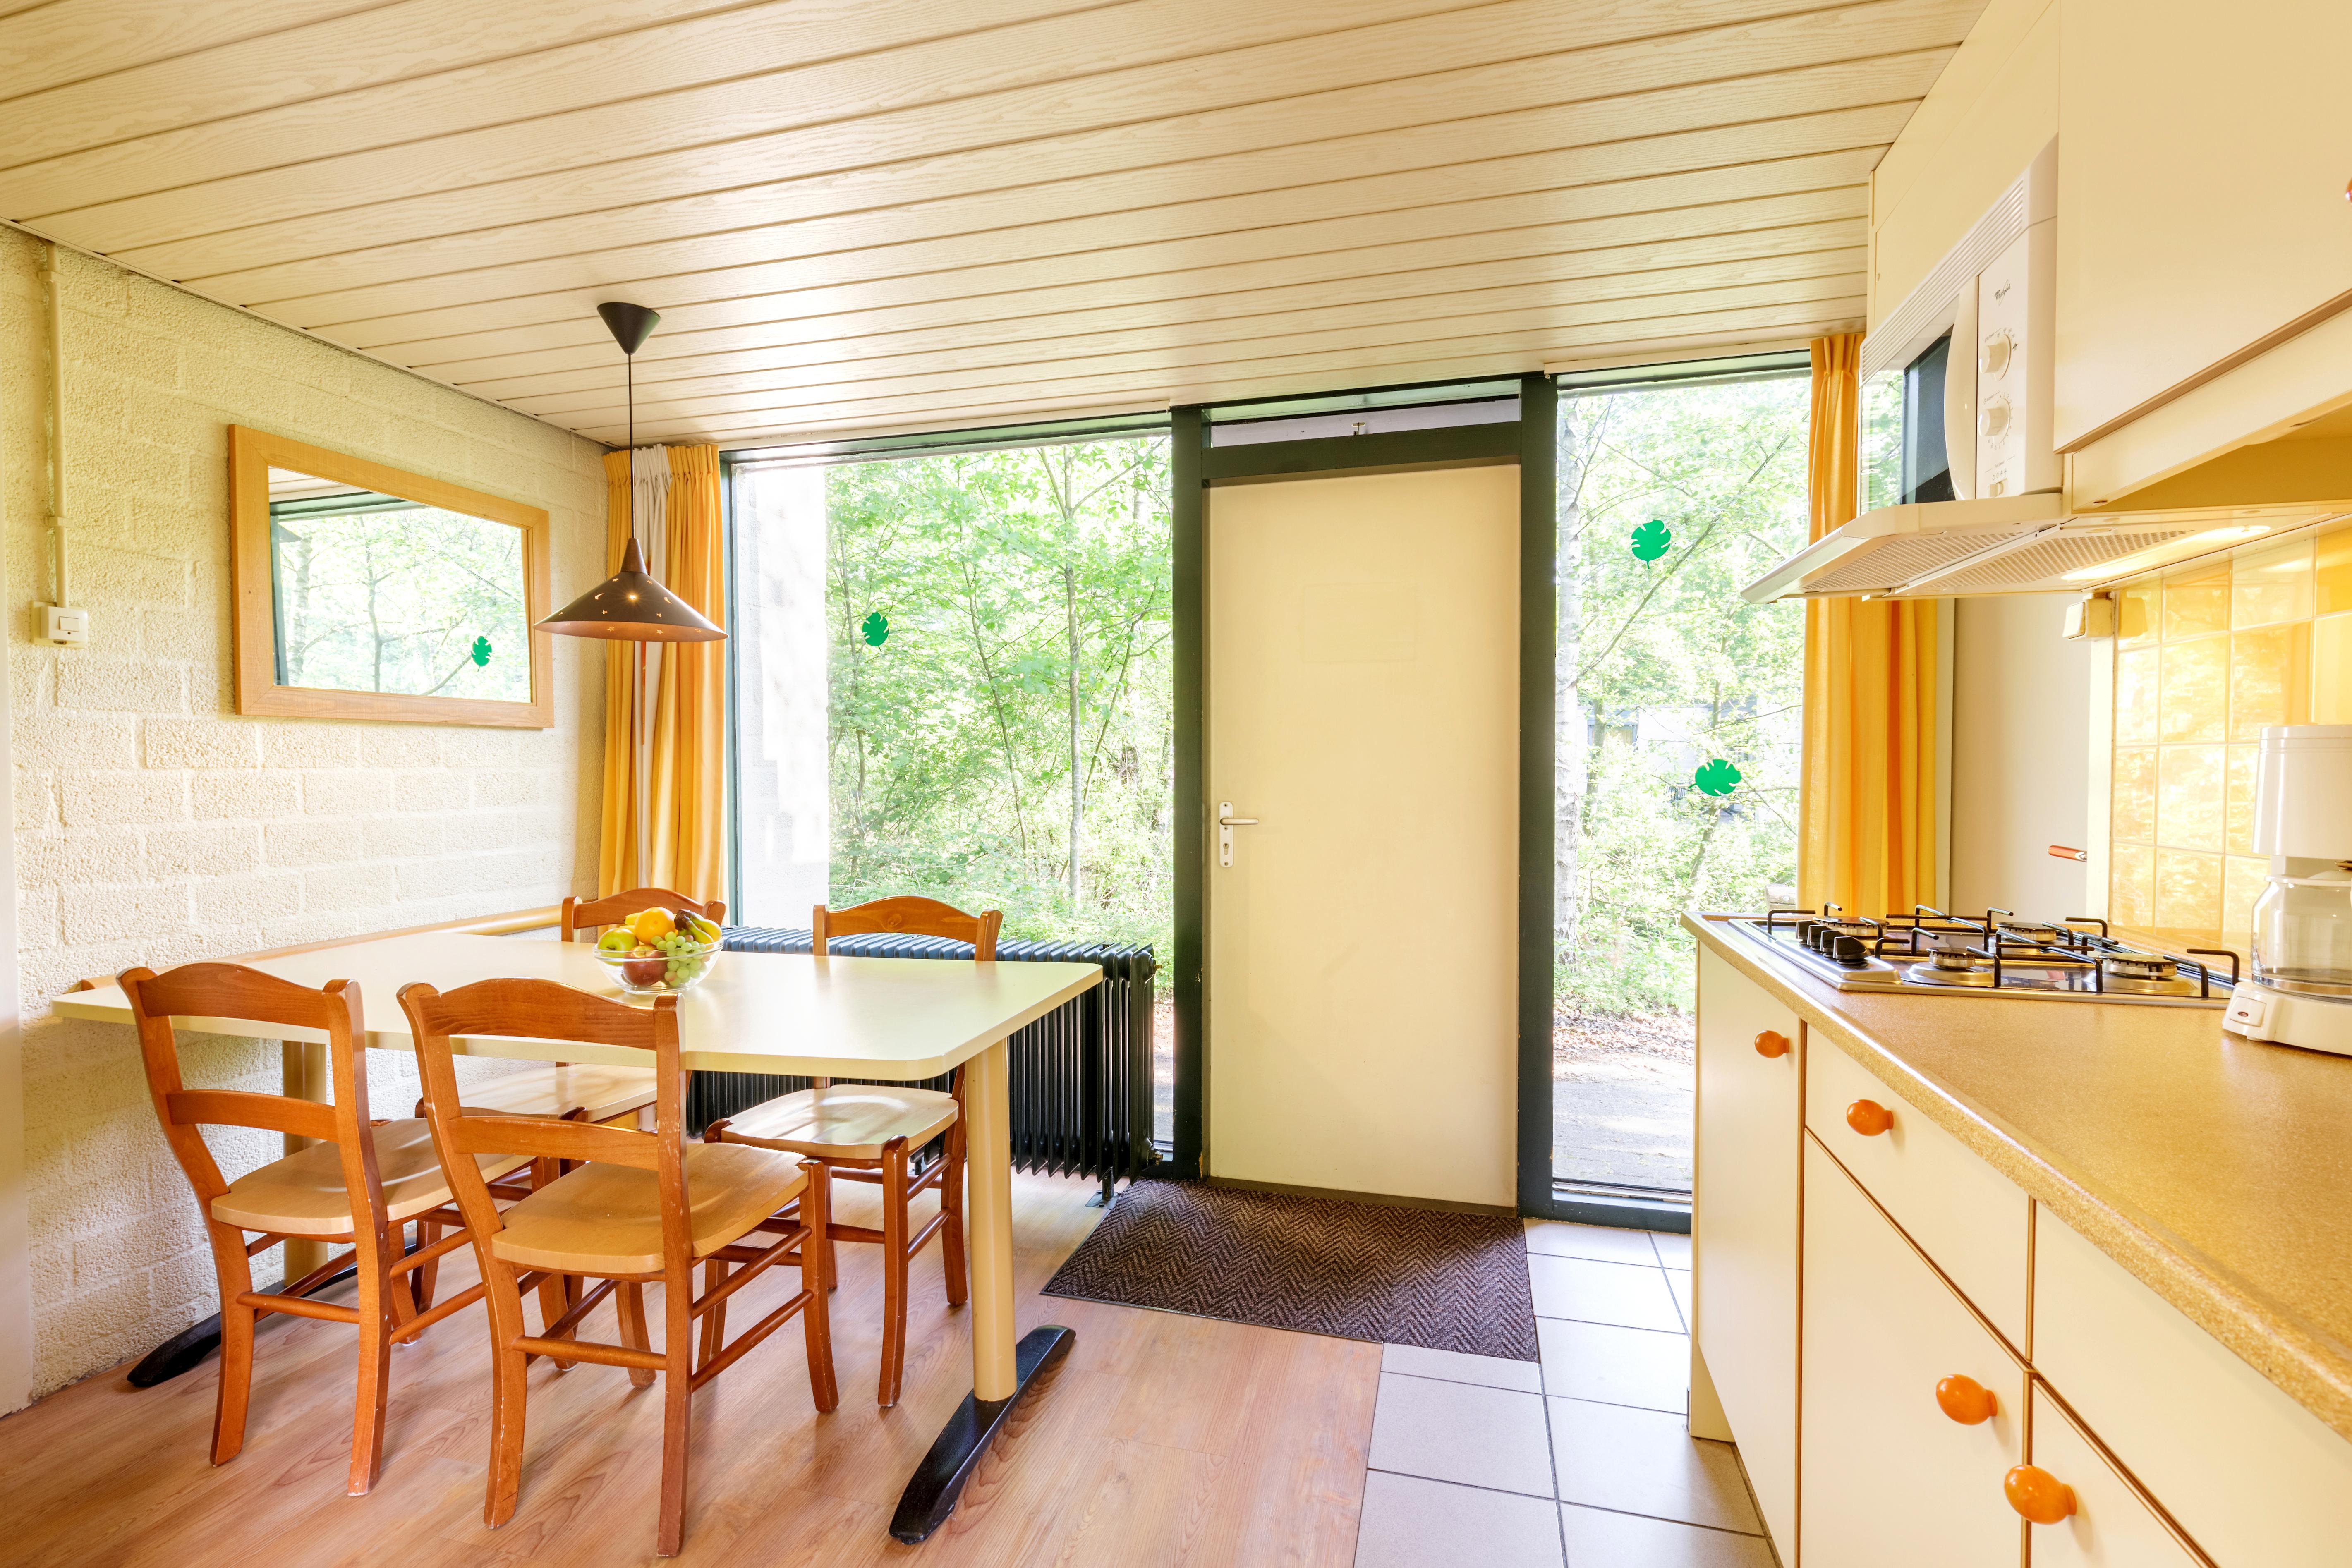 Ferienhaus Center Parcs De Huttenheugte - cottage Comfort 4 persons (2639177), Dalen (NL), , Drenthe, Niederlande, Bild 2